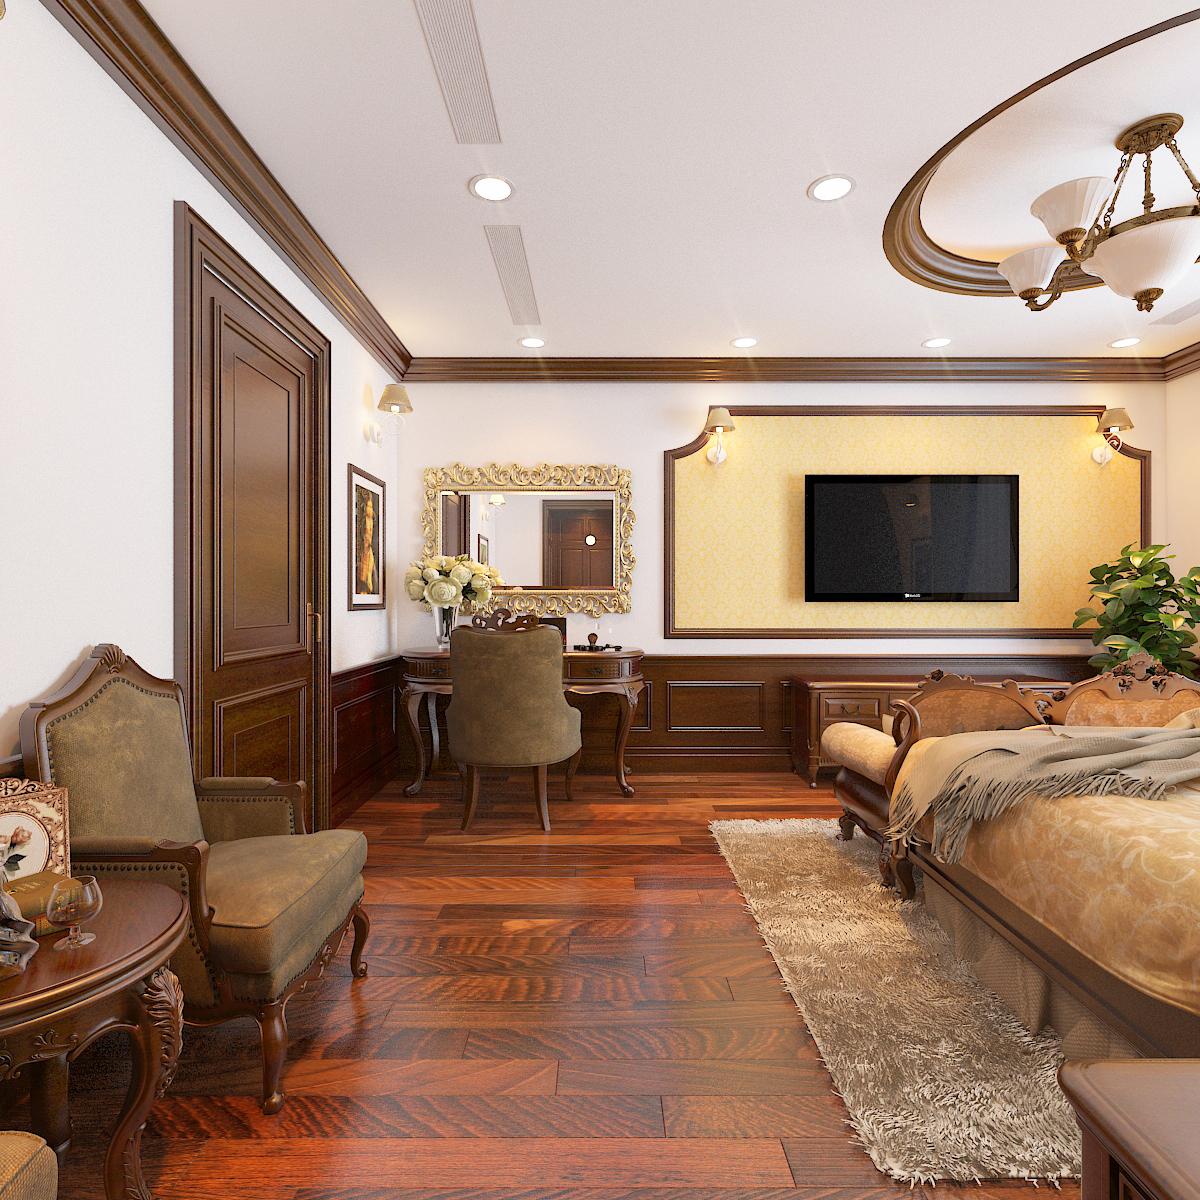 thiết kế nội thất Biệt Thự tại Hà Nội bt Vinhomes - riverside 36 1568276275